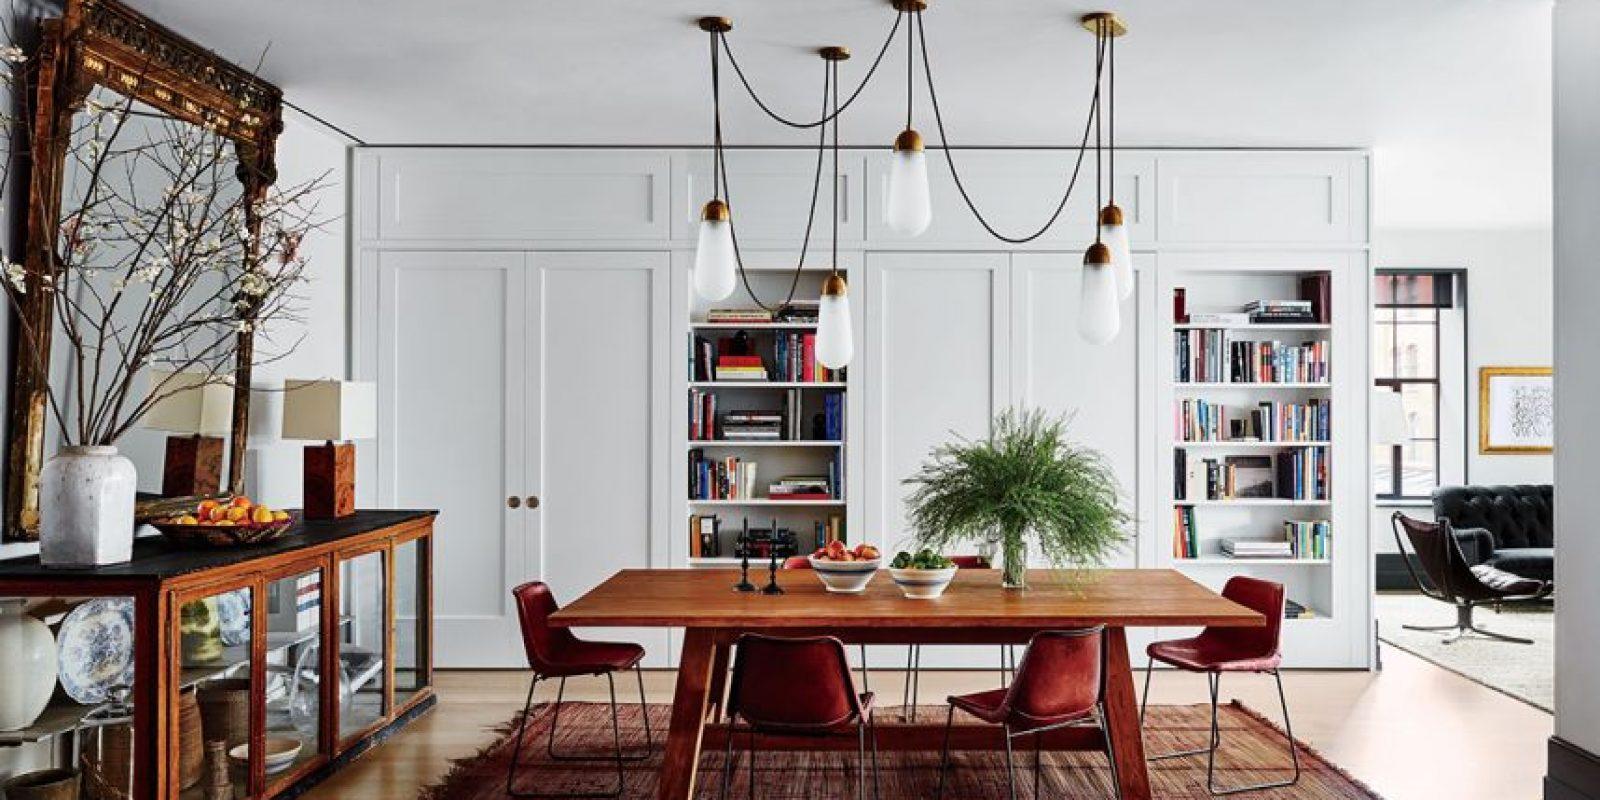 Apartamento de la actriz Naomi Watts y Liev Shreiber en Manhattan. Diseño por Ashe + Leandro. Luces por Apparatus Studio | Mesa Ralph Lauren | Sillas Sol y Luna Foto:Architectural Digest. Imagen Por: